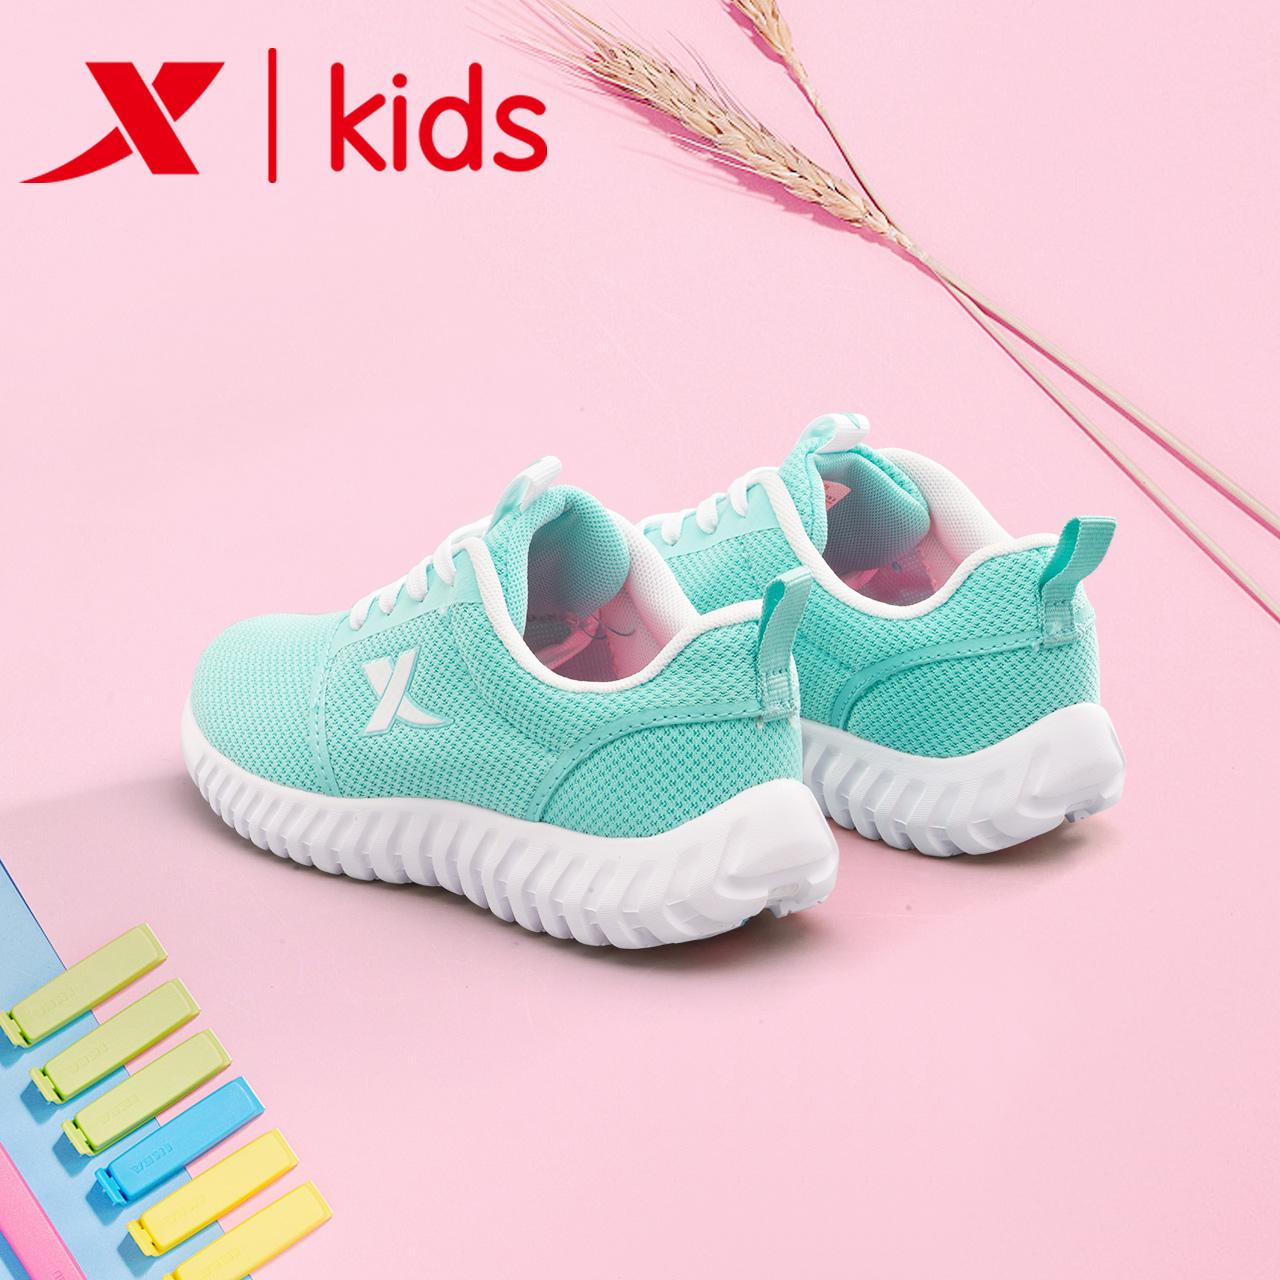 特步童鞋 2019秋季新款儿童运动鞋女童鞋子中大童女孩网面跑步鞋